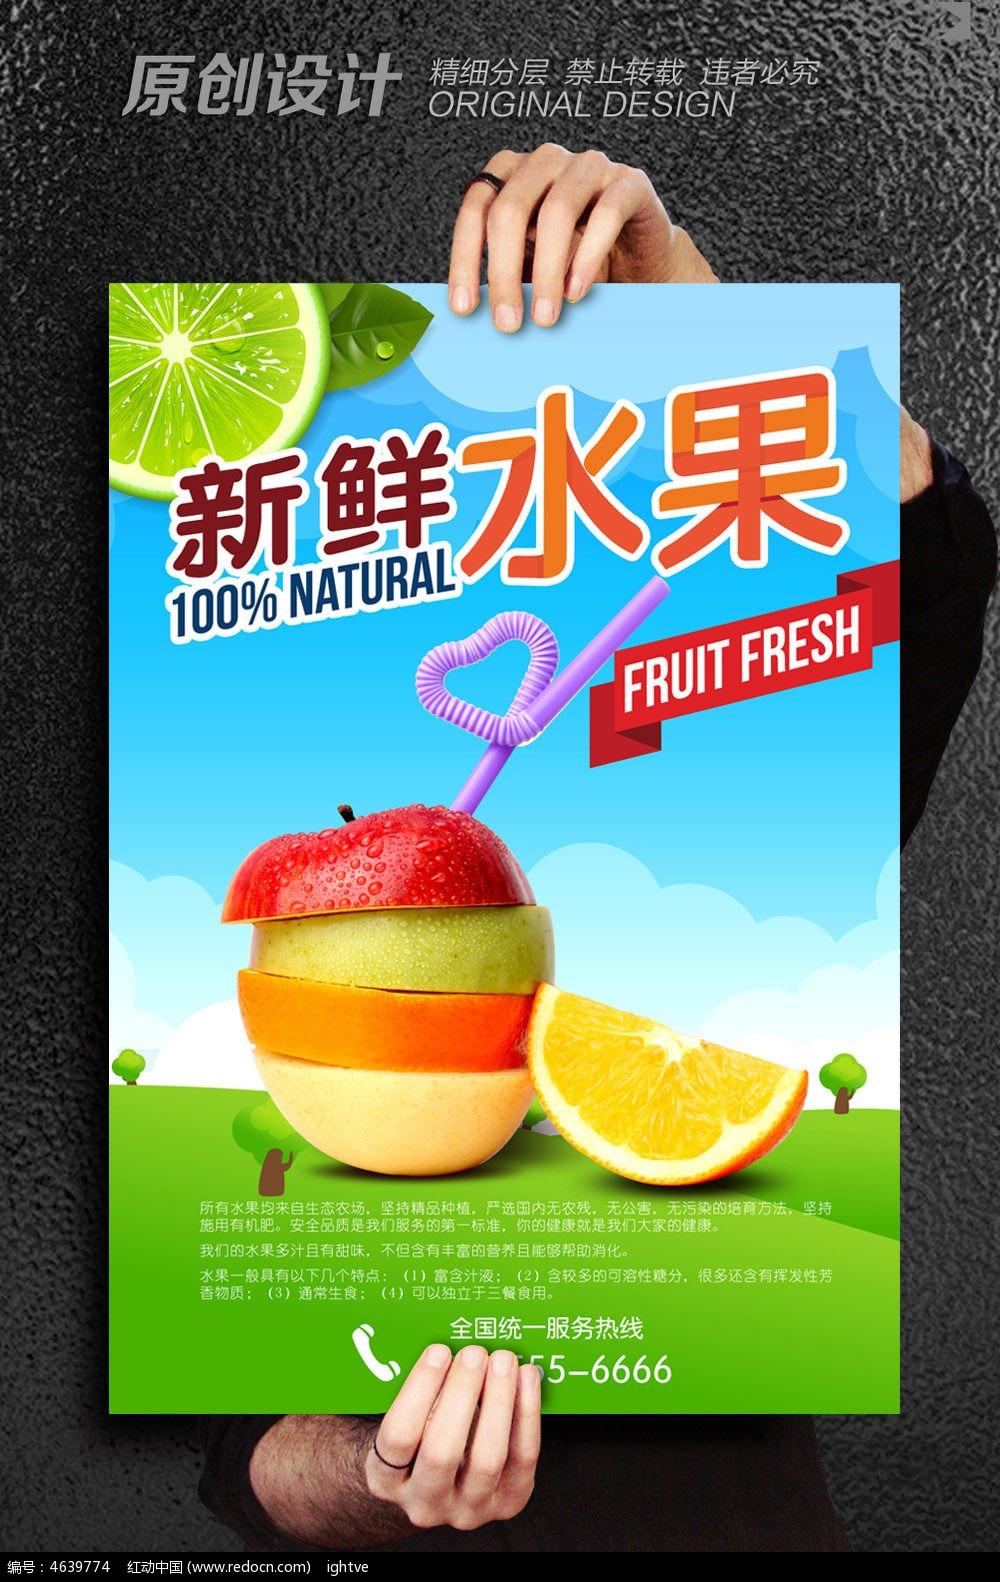 水果摊展示设计手绘图